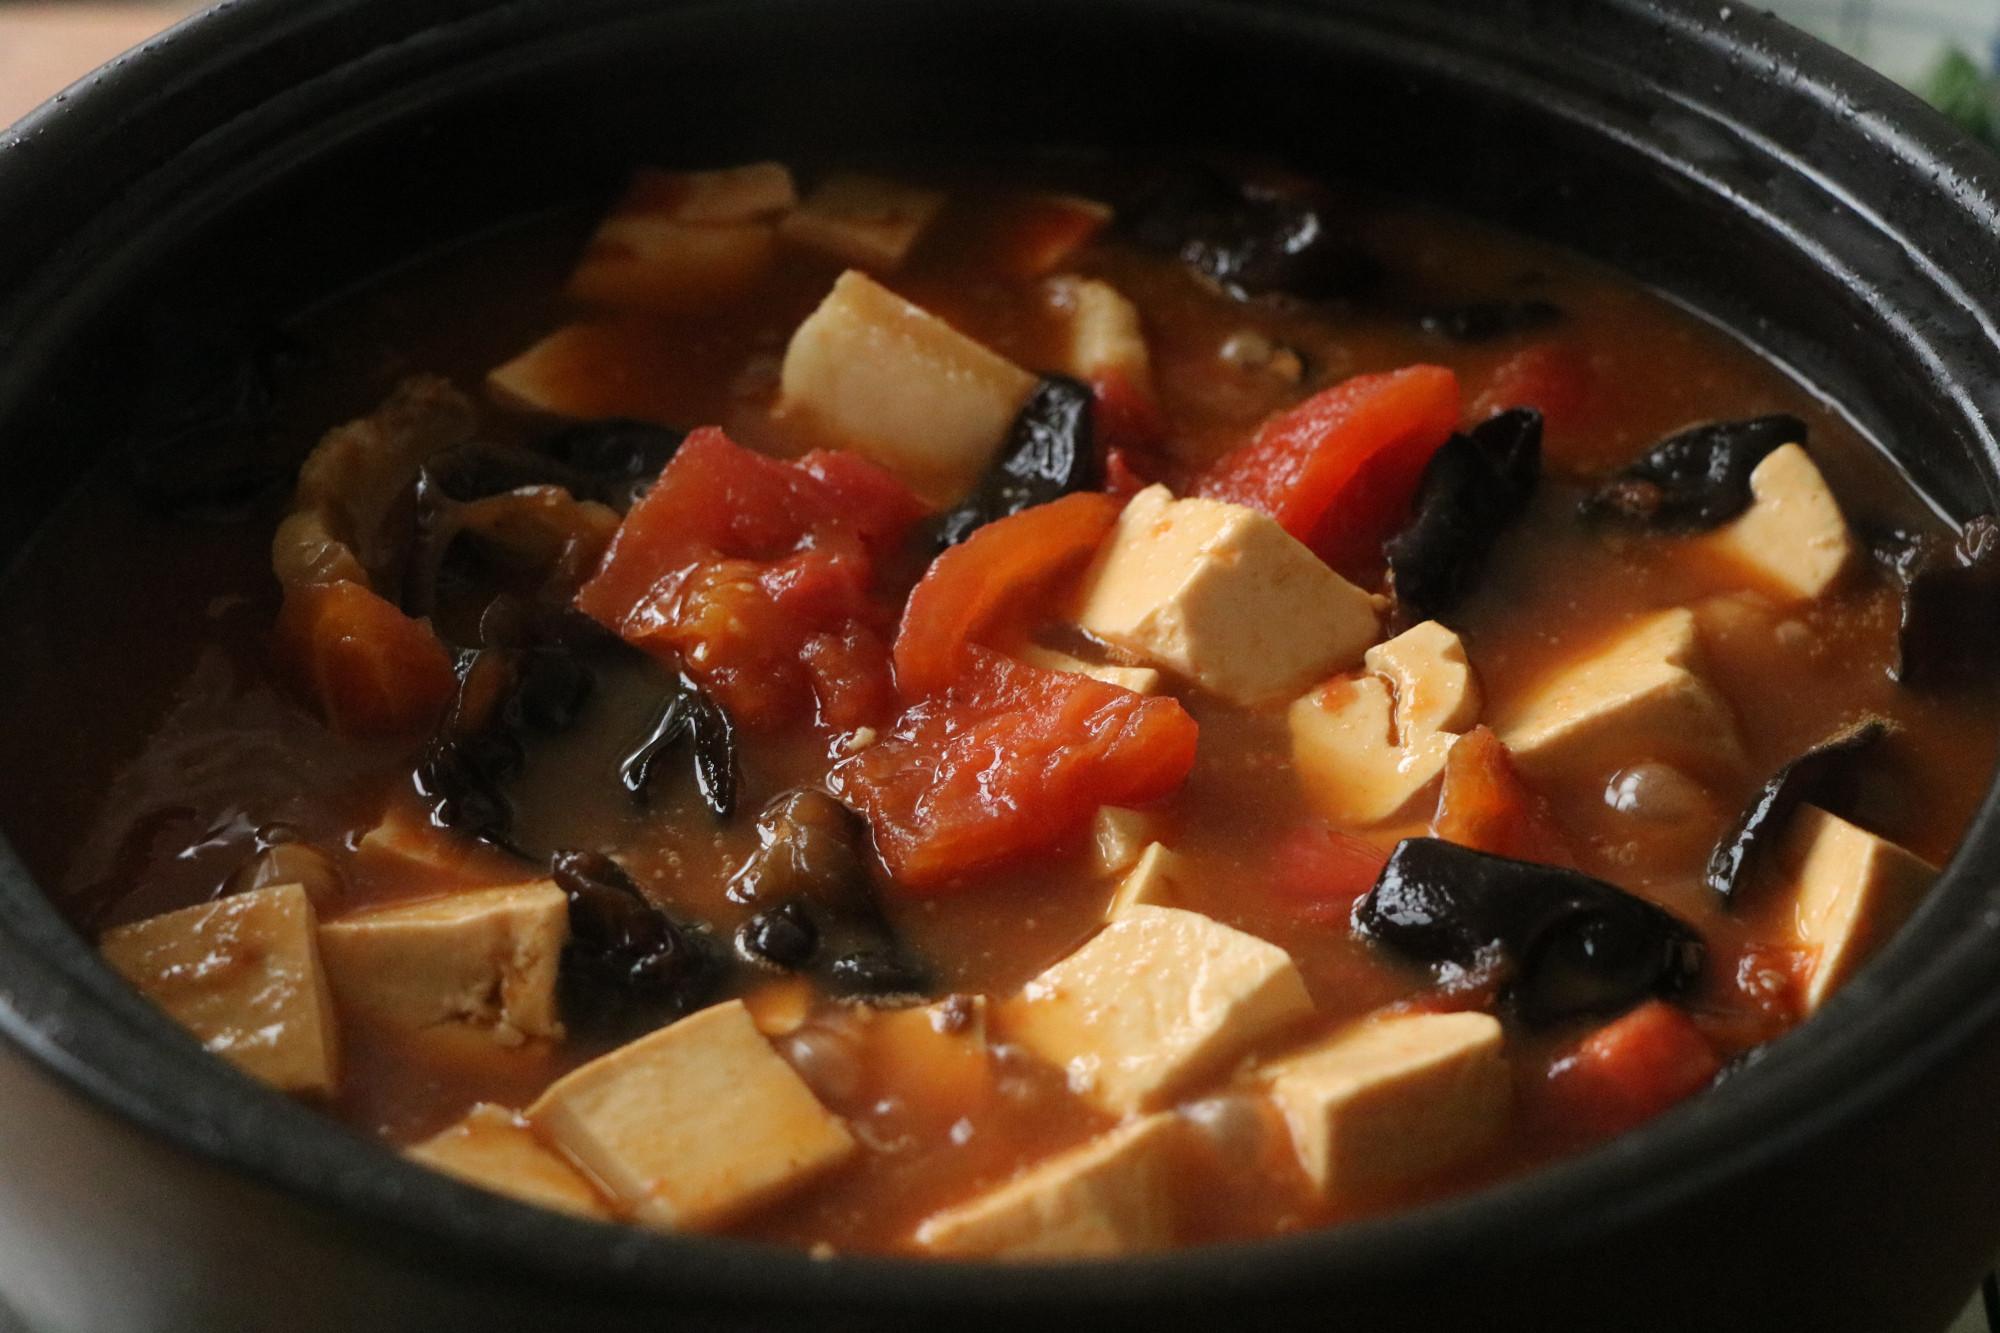 豆腐這樣燉太費米飯了,用砂鍋煲一鍋,滑嫩入味,太適合冬天吃了